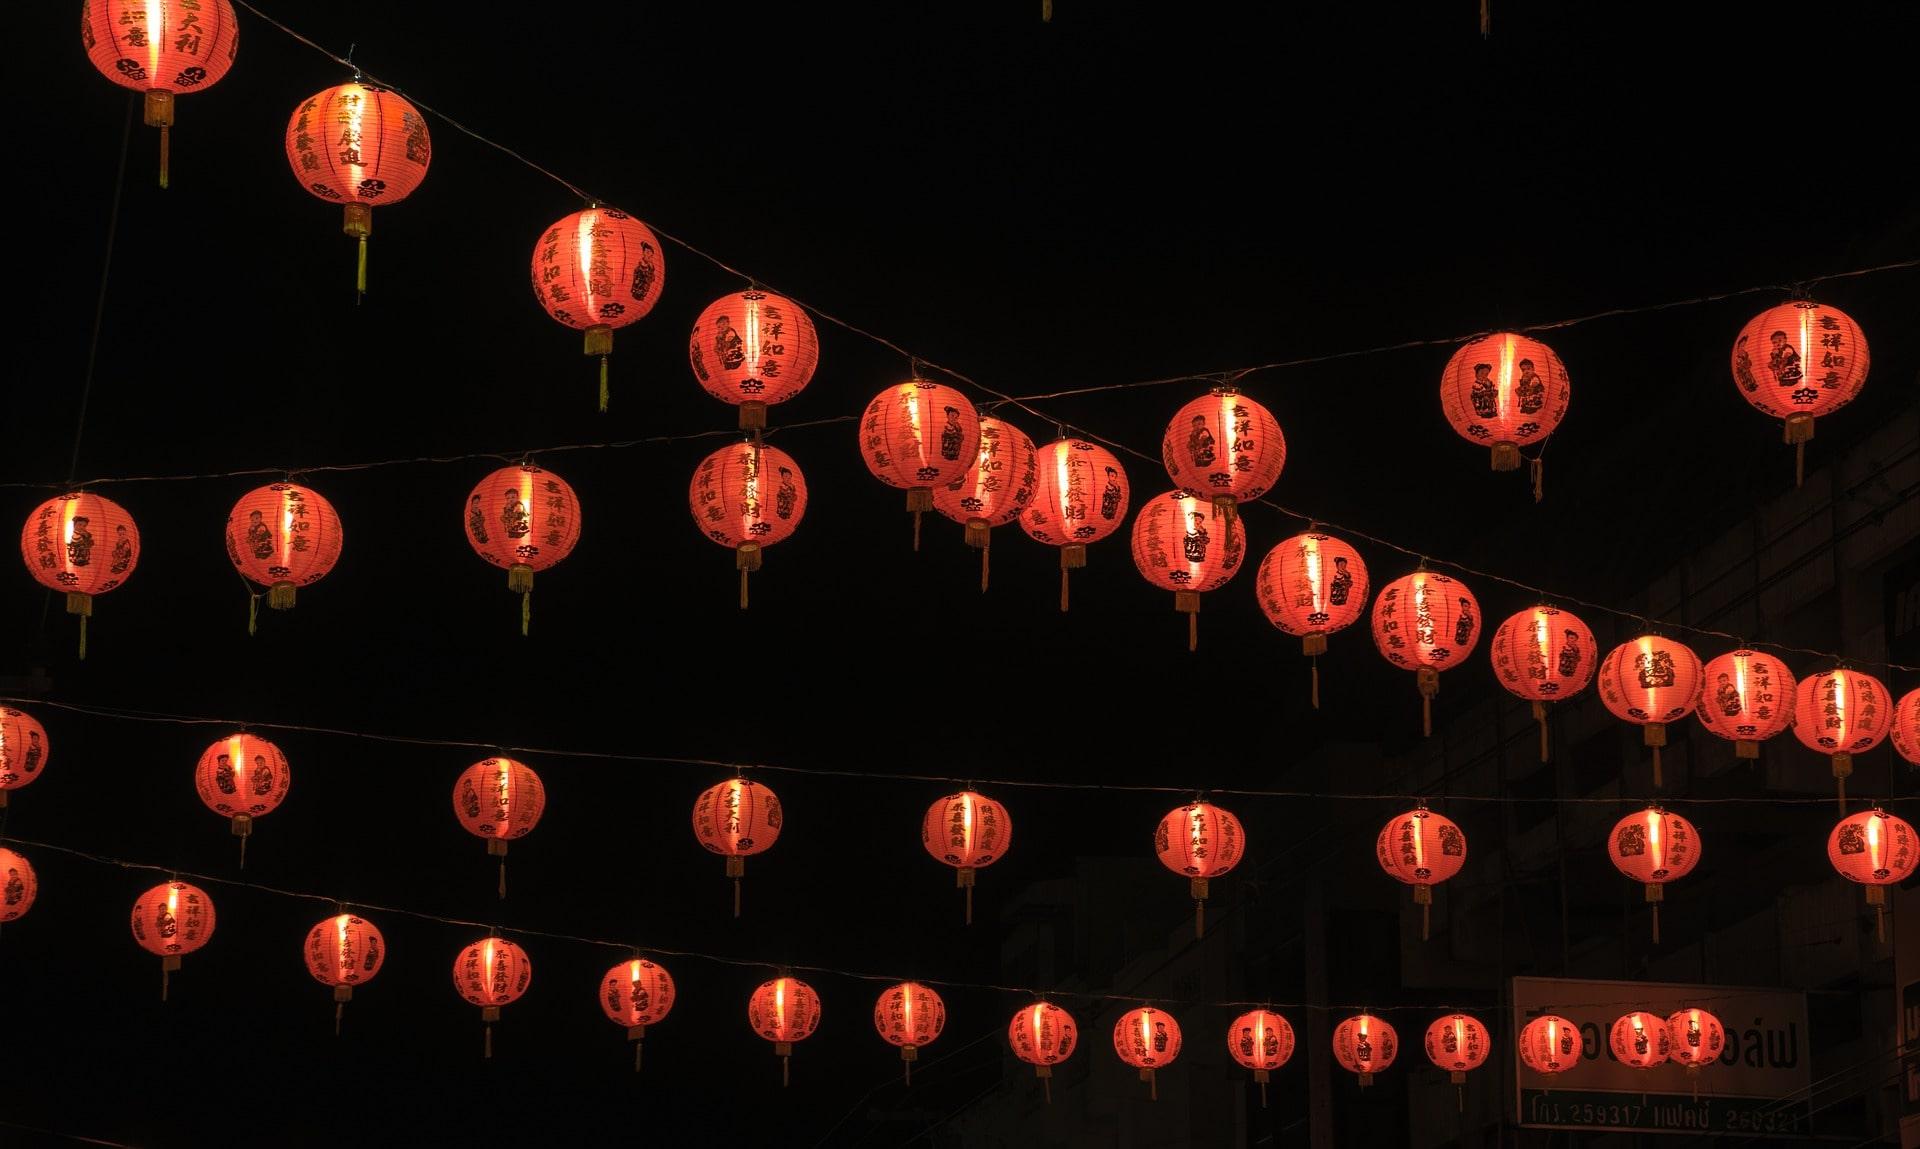 chinese-new-year-2693523_1920-min.jpg